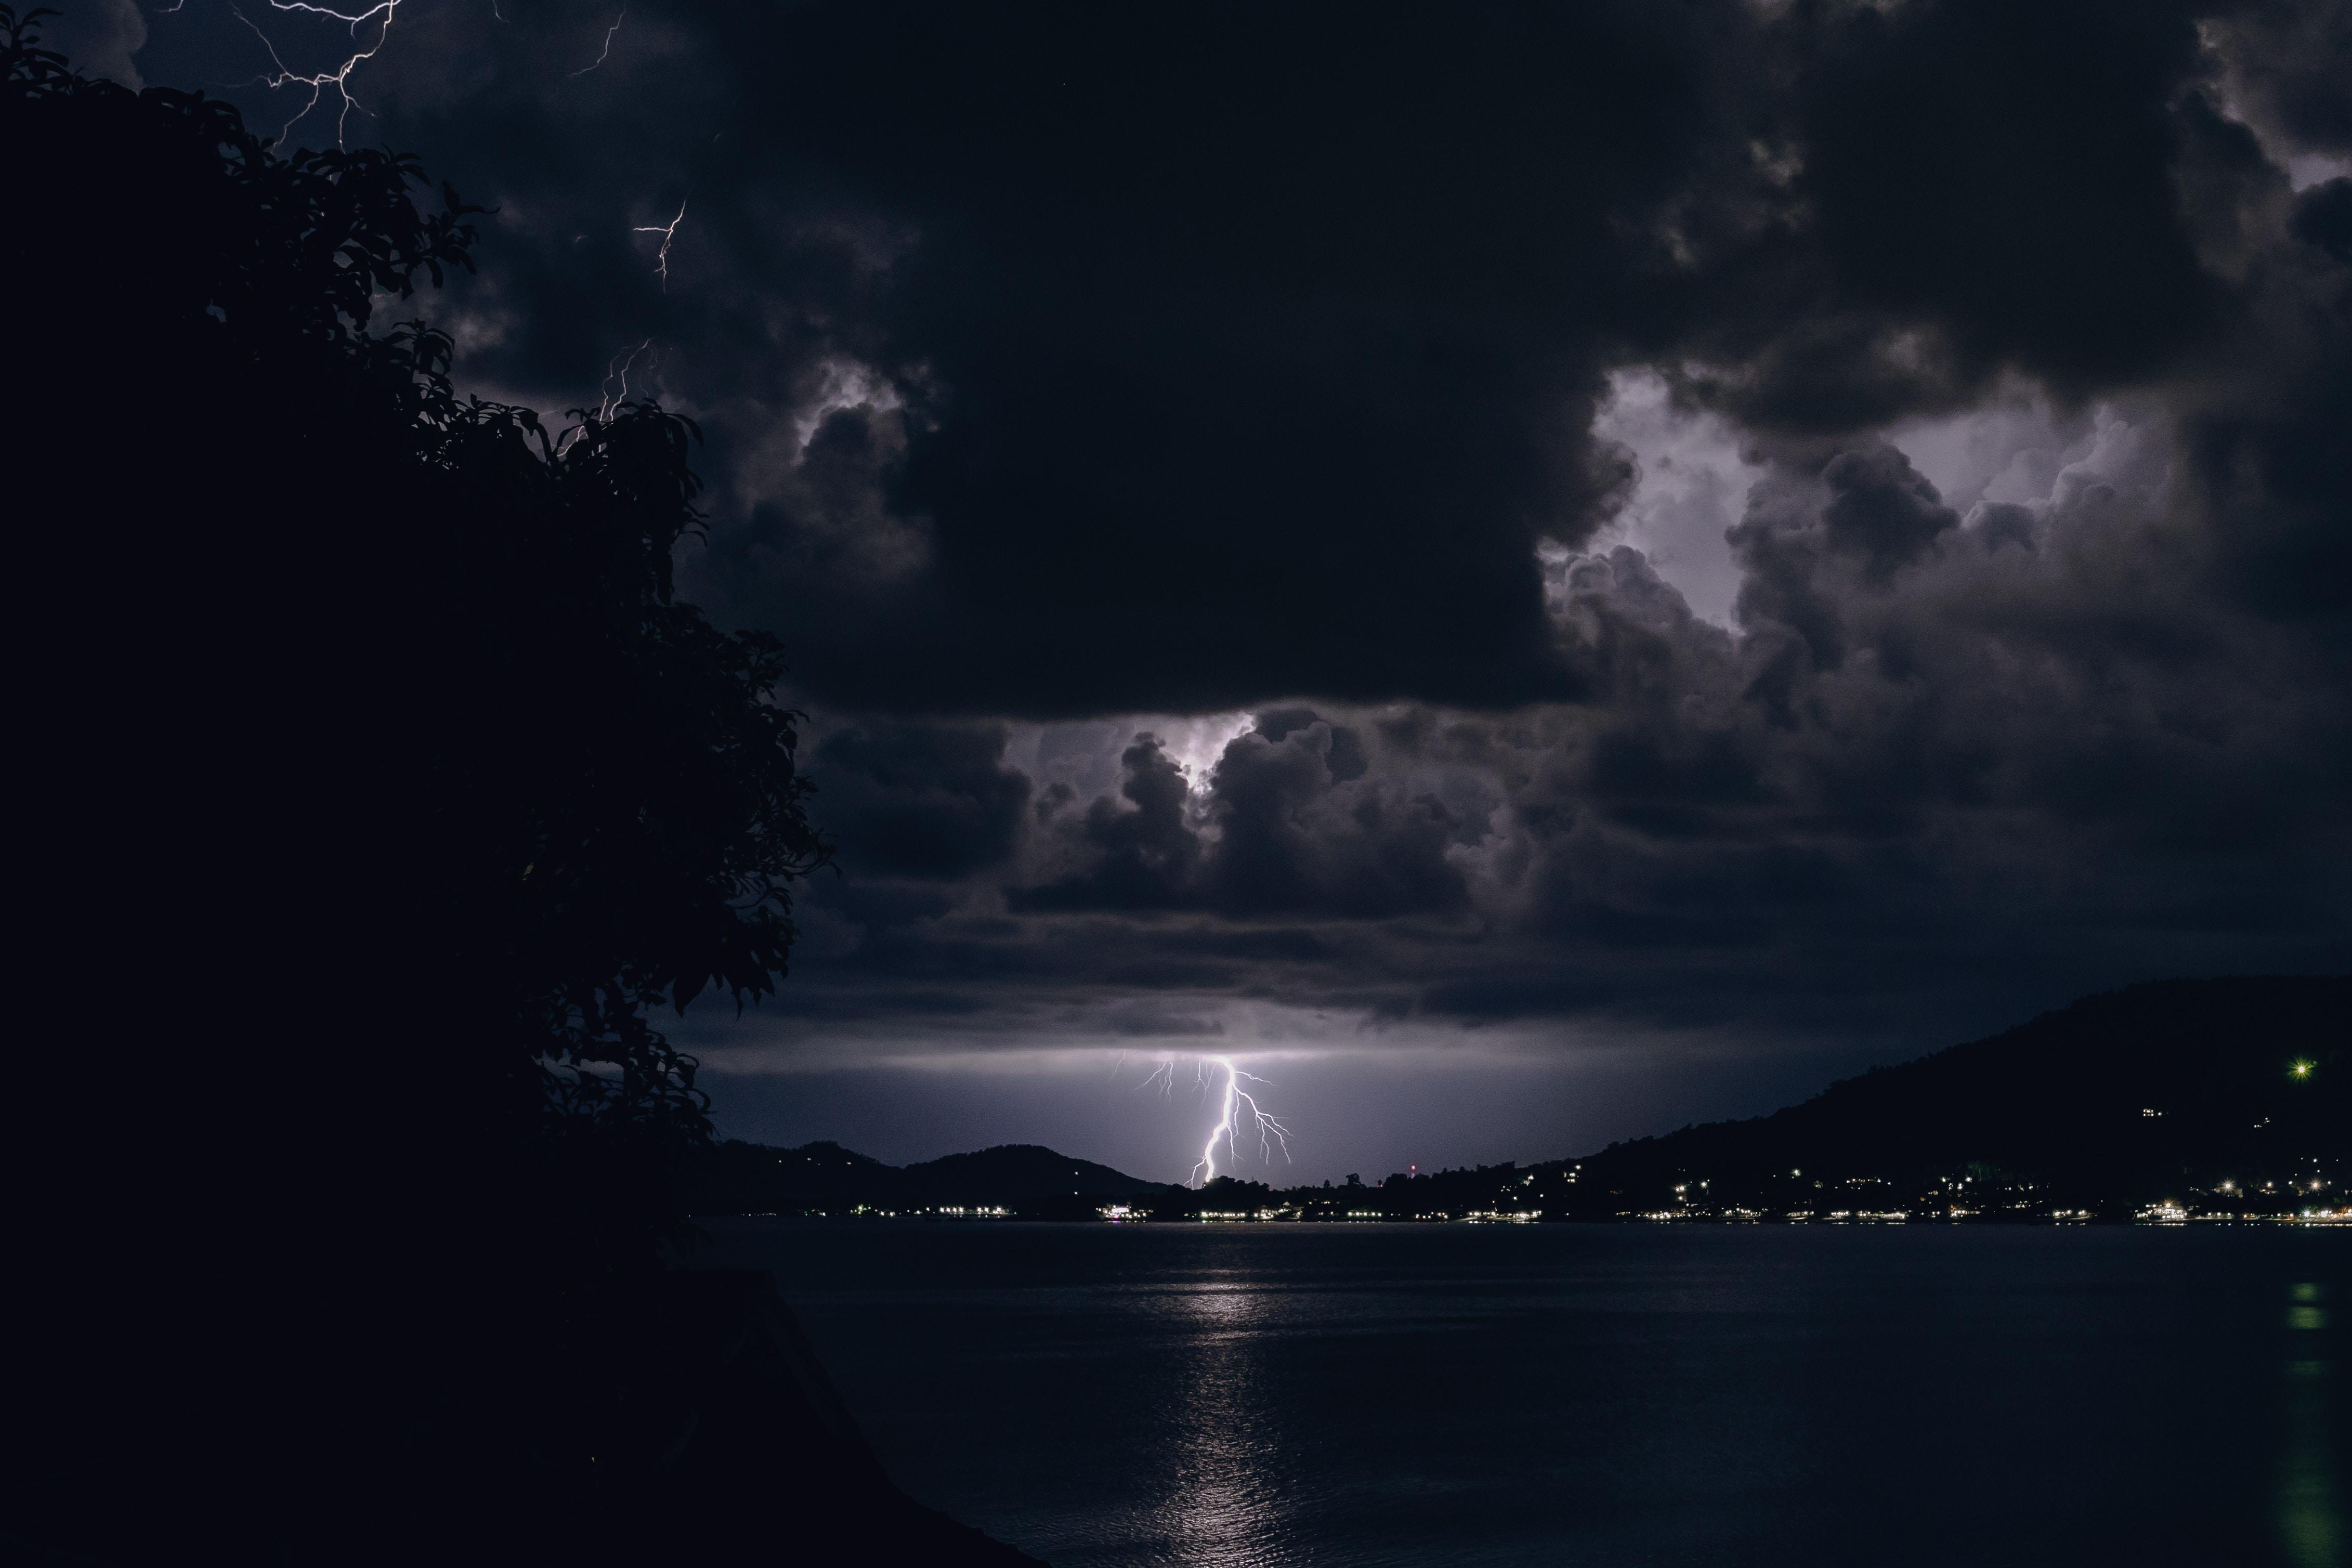 55510 Заставки и Обои Молния на телефон. Скачать Темные, Молния, Река, Ночь, Облака, Пасмурно картинки бесплатно